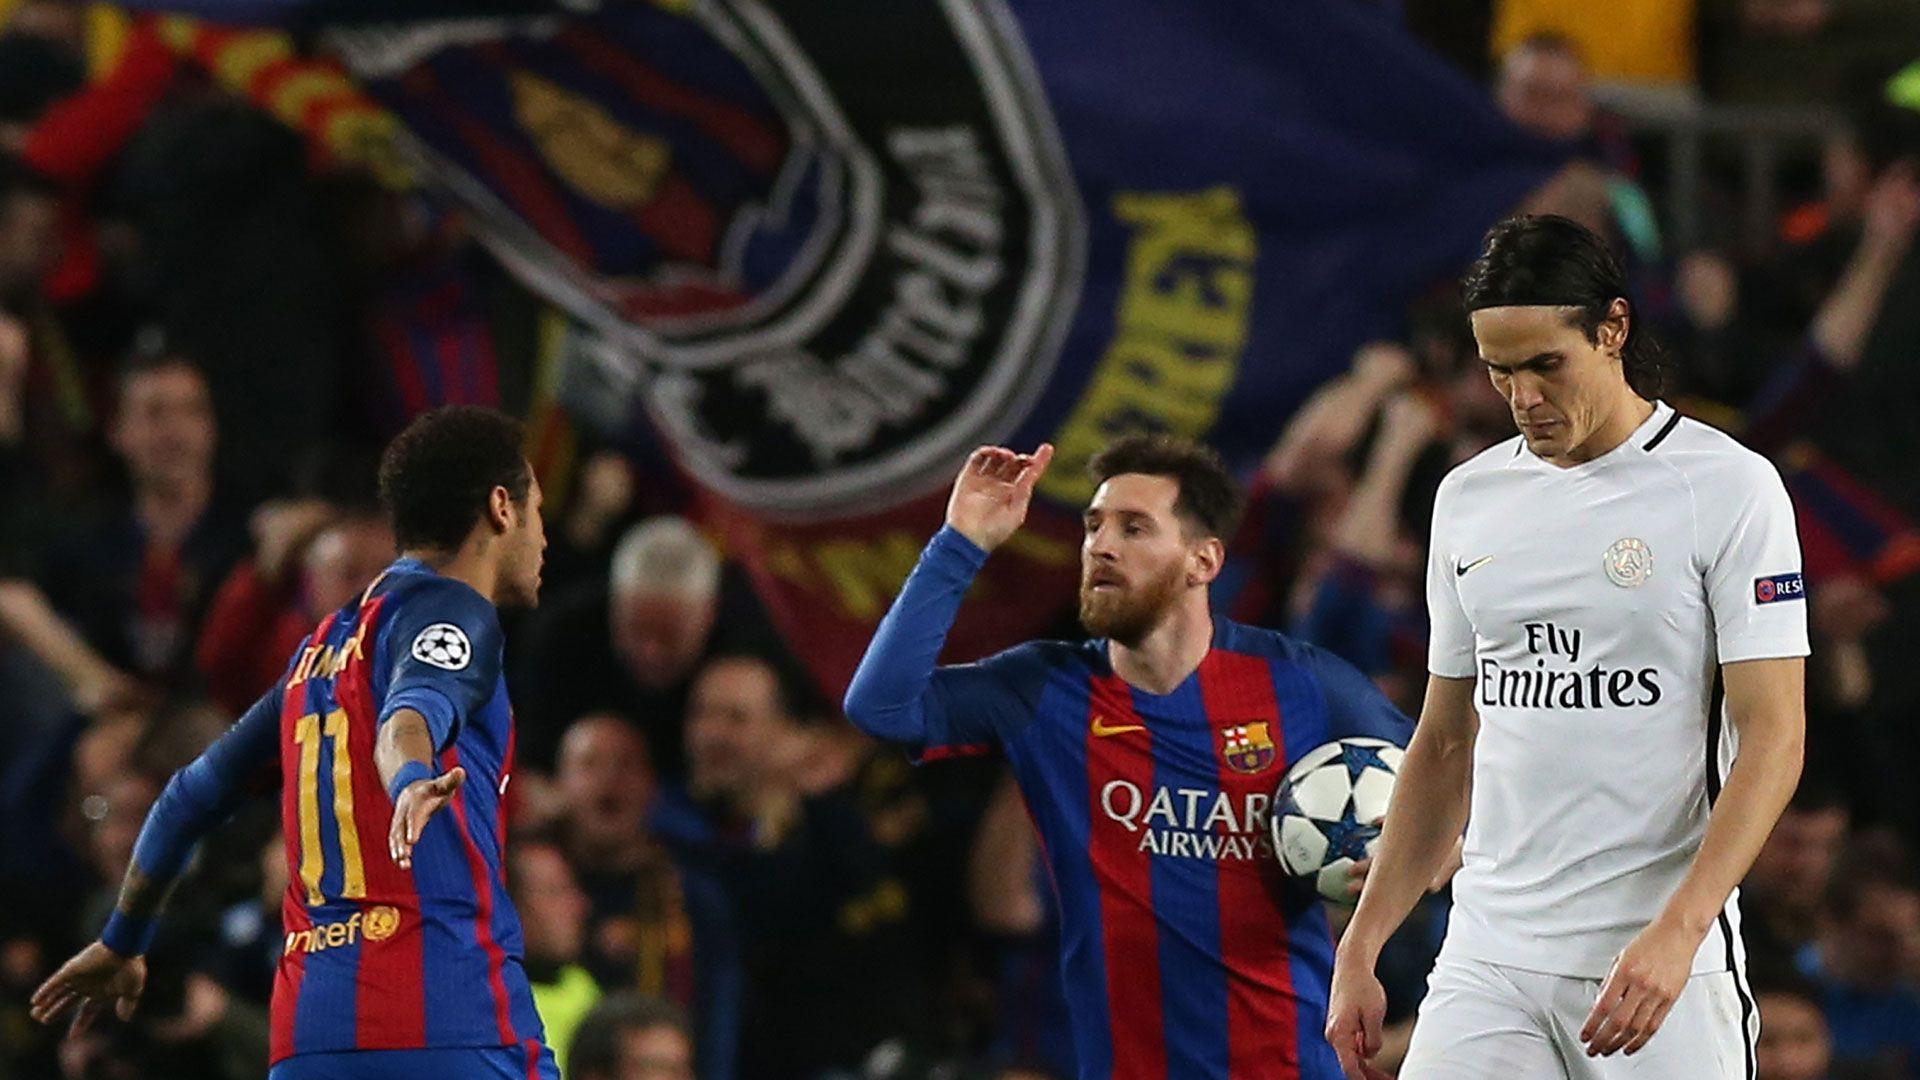 Barcelona y PSG se cruzaron en la fase de eliminatorias de la Champions League 2016-17 con Neymar aún de azulgrana (Reuters)